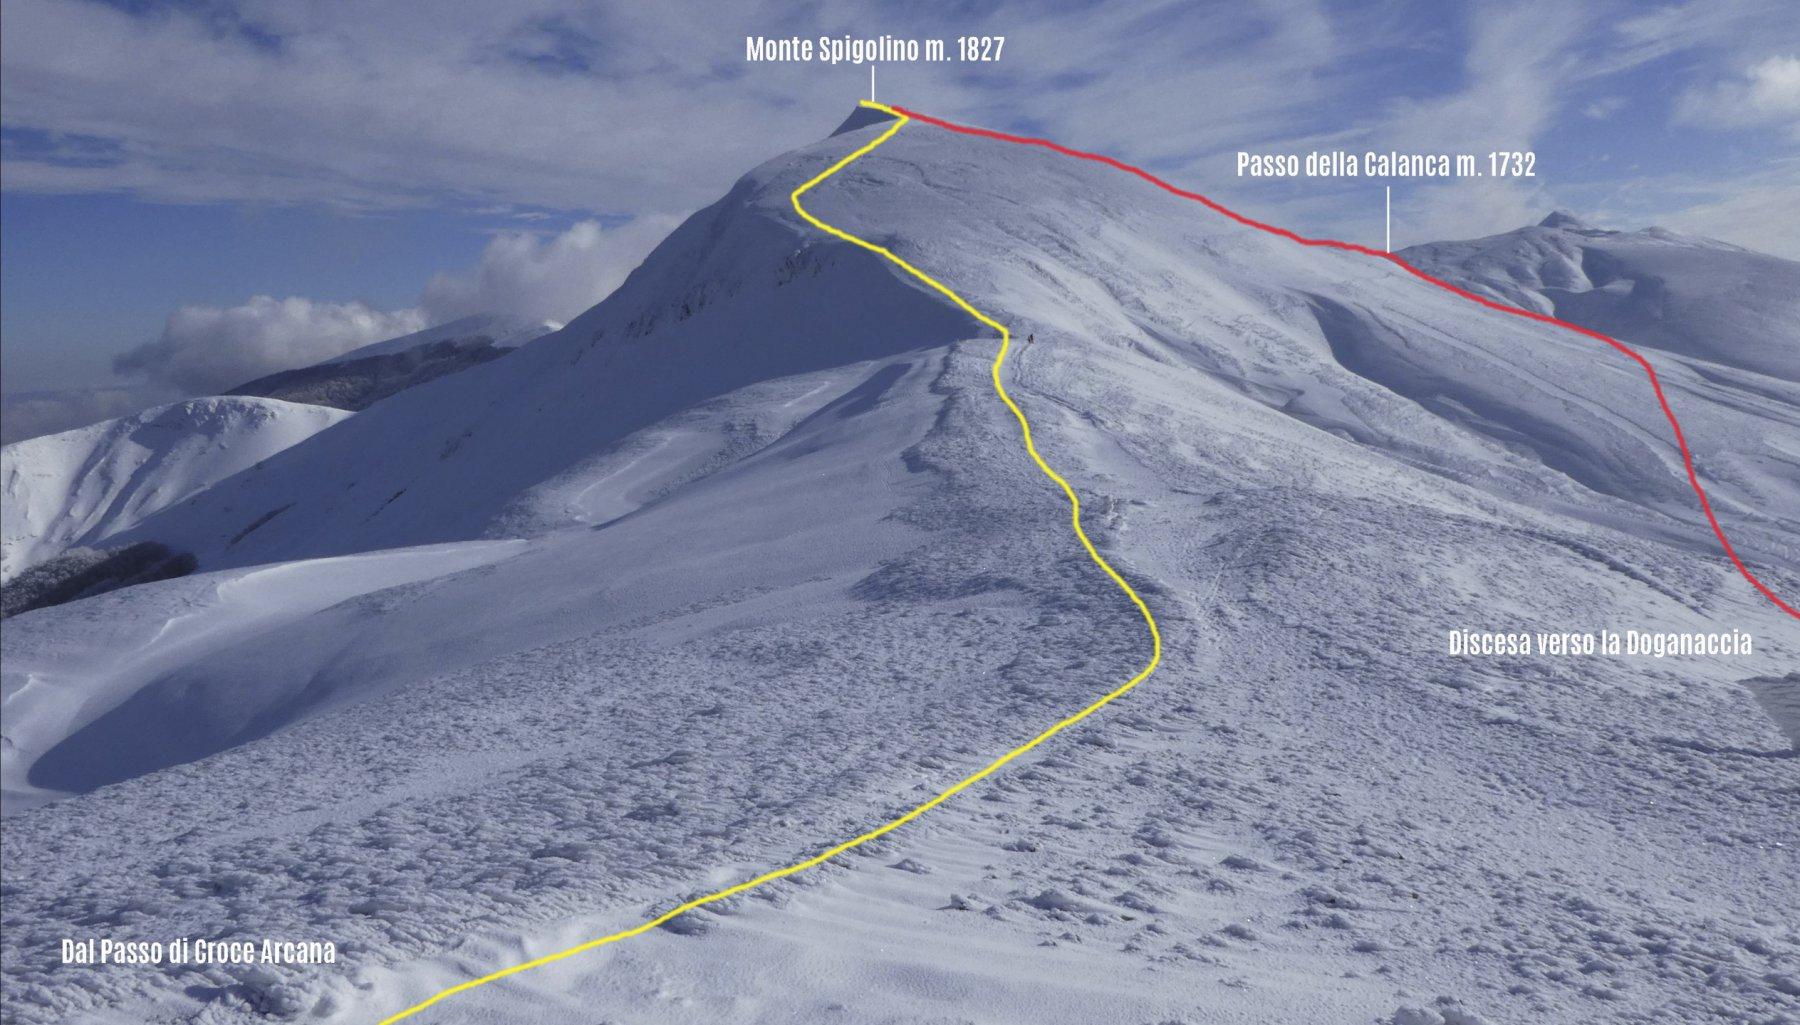 il percorso da noi fatto in salita (giallo) e quello in discesa (rosso) per compiere l'anello